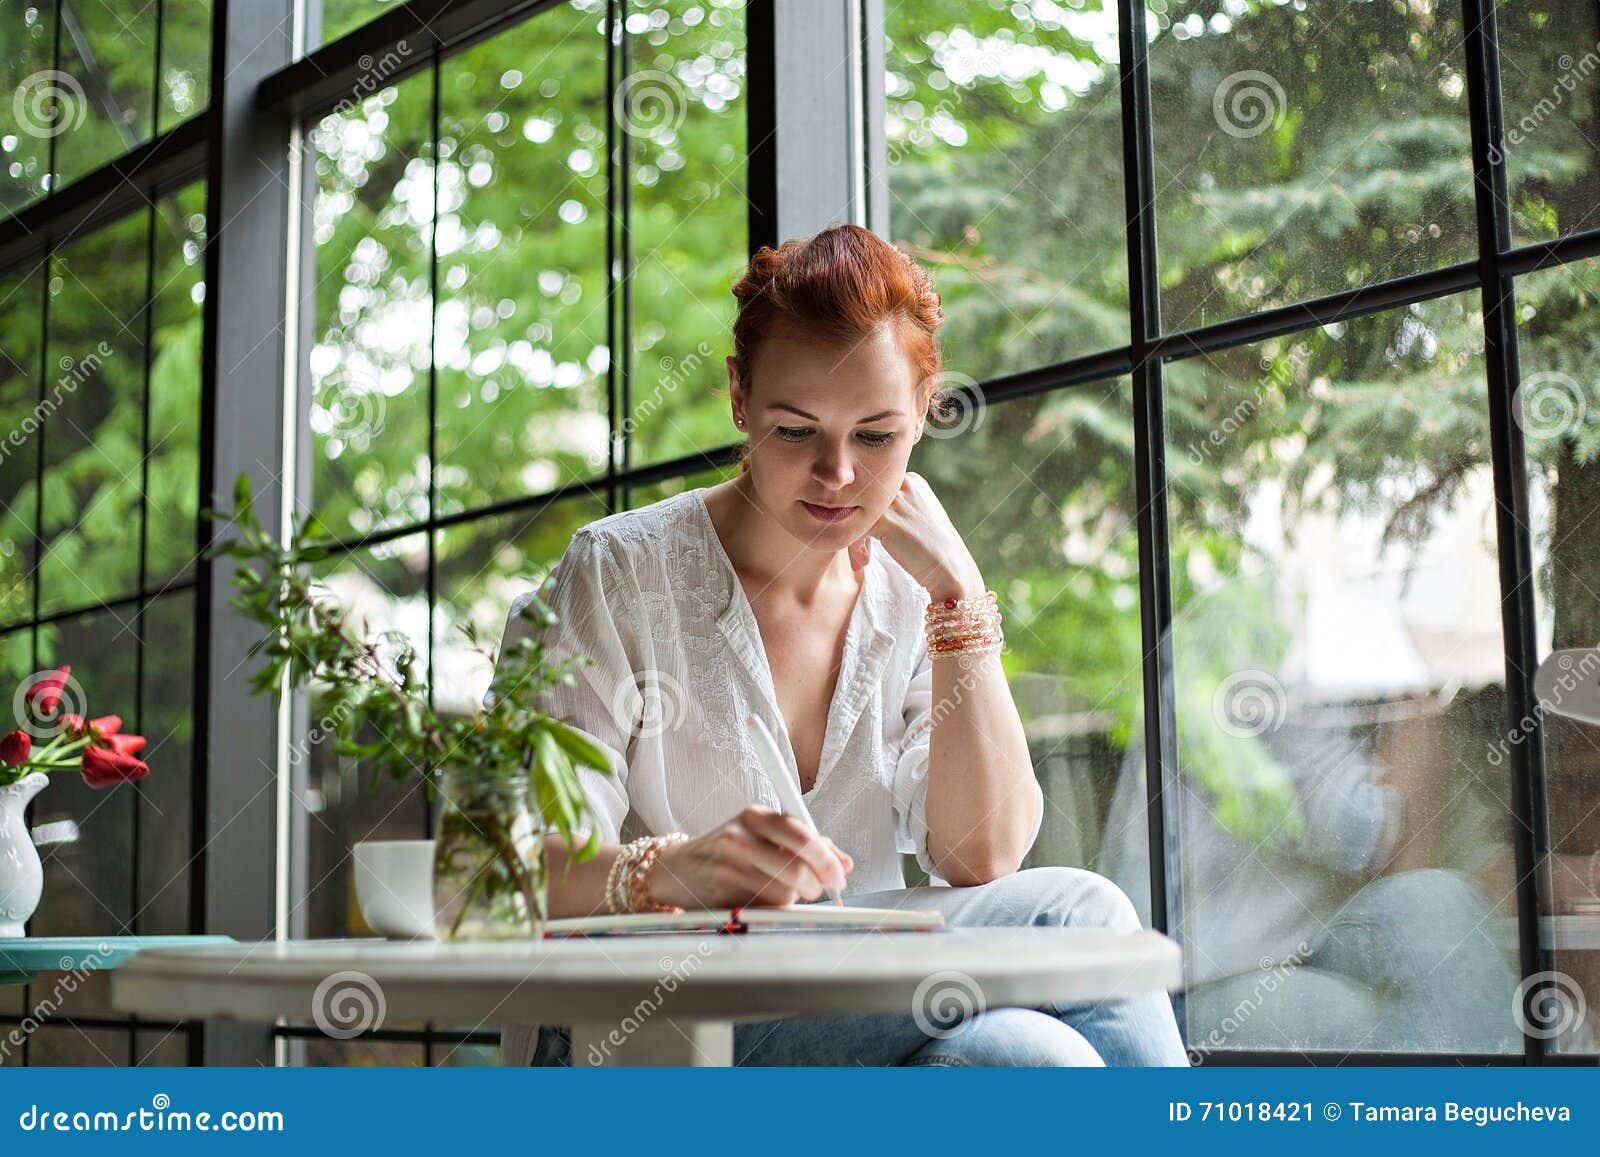 Kobieta pisze w notatniku